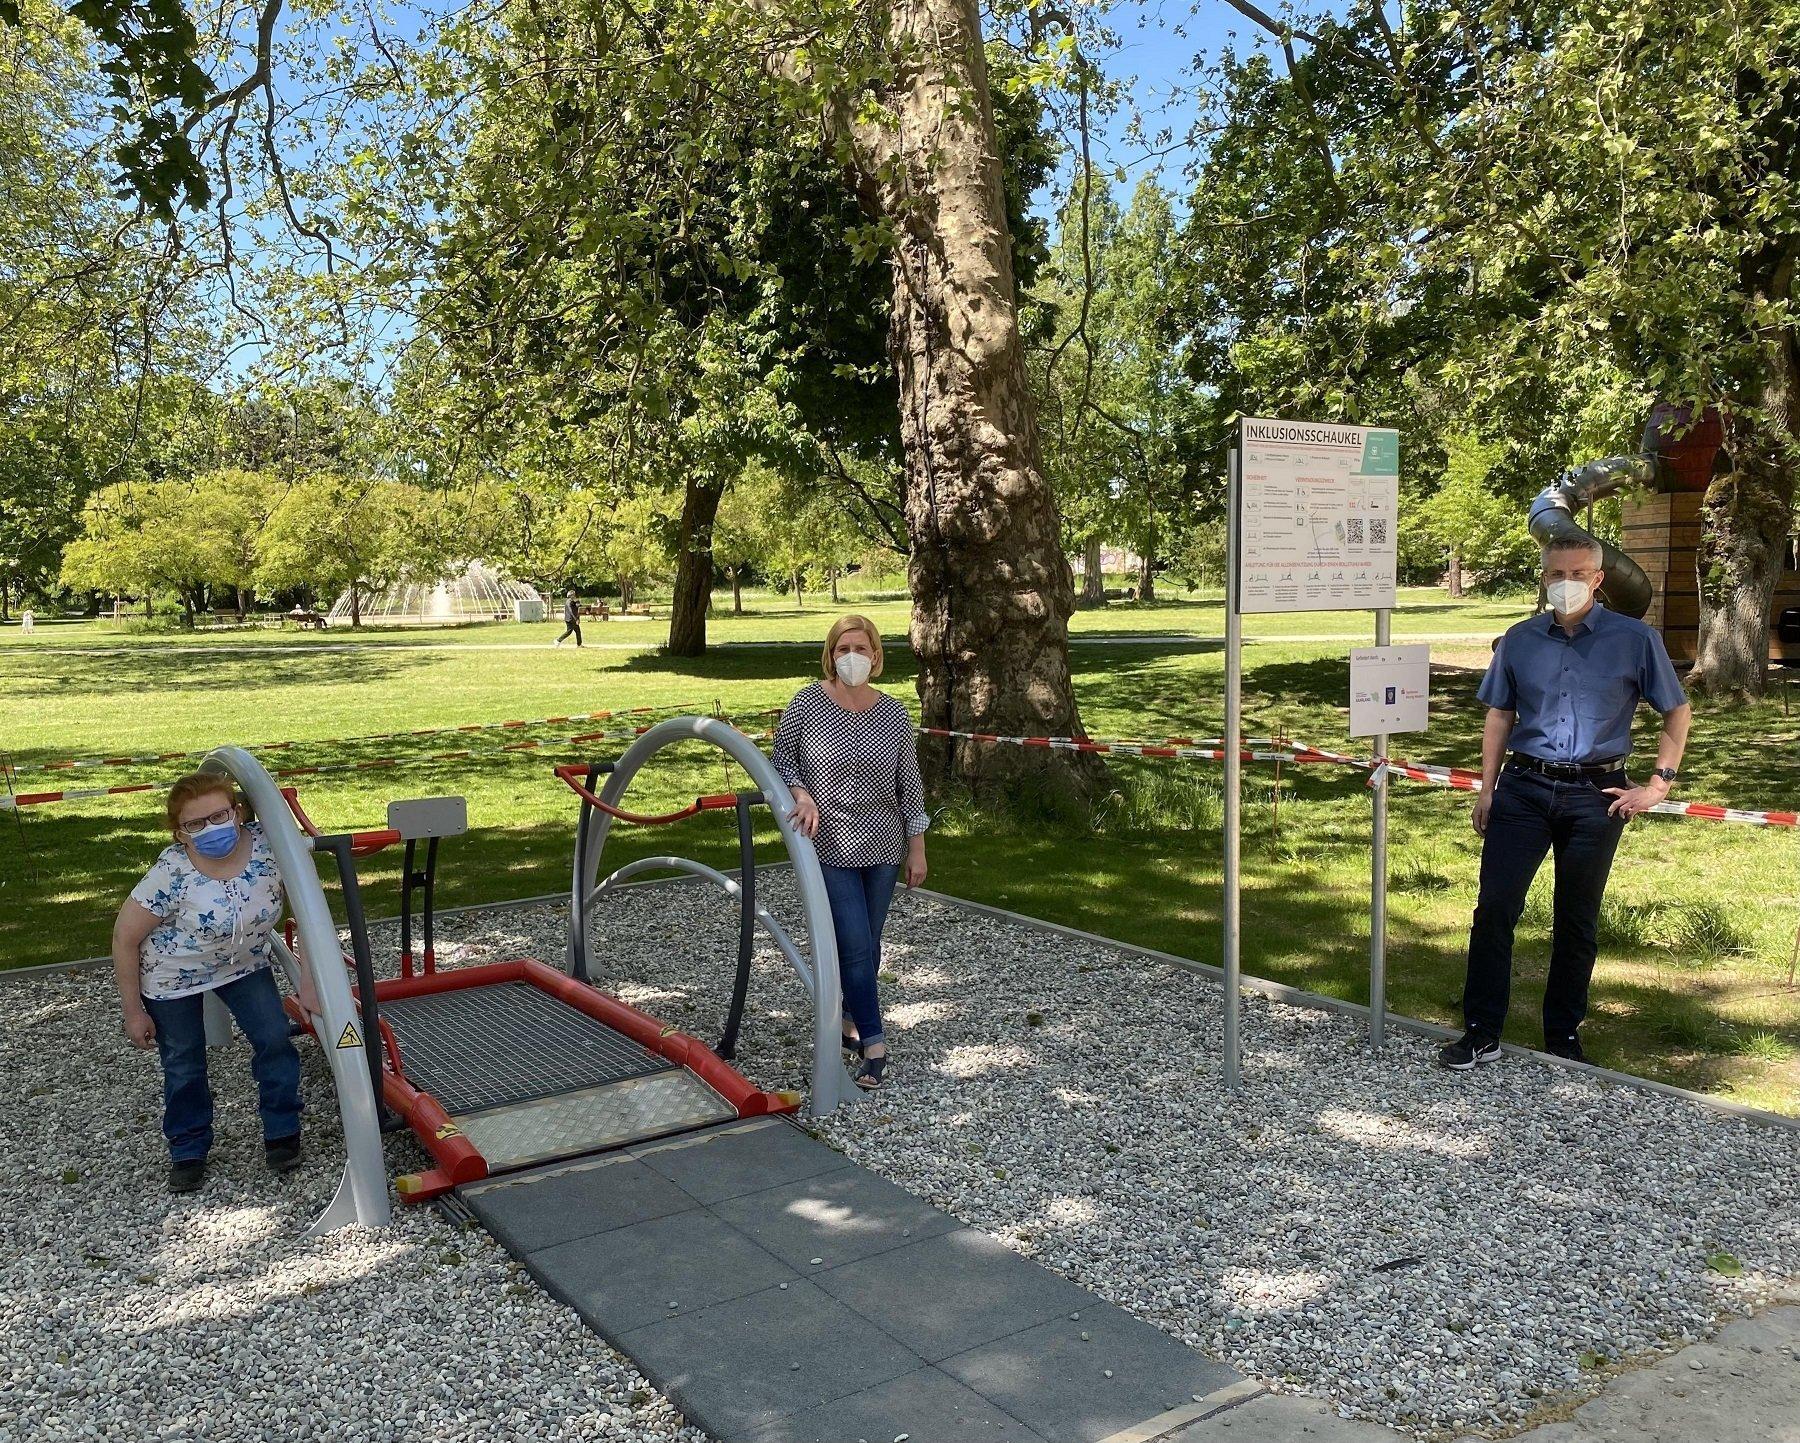 Auf dem Foto ist die Inklusionsschaukel im Stadtpark mit Bürgermeister Marcus Hoffeld, der Beauftragten für die Belange von Menschen mit Behinderung, Sarah Klemm, und der Vorsitzenden des Behindertenbeirates, Jessica Schwindling, zu sehen.